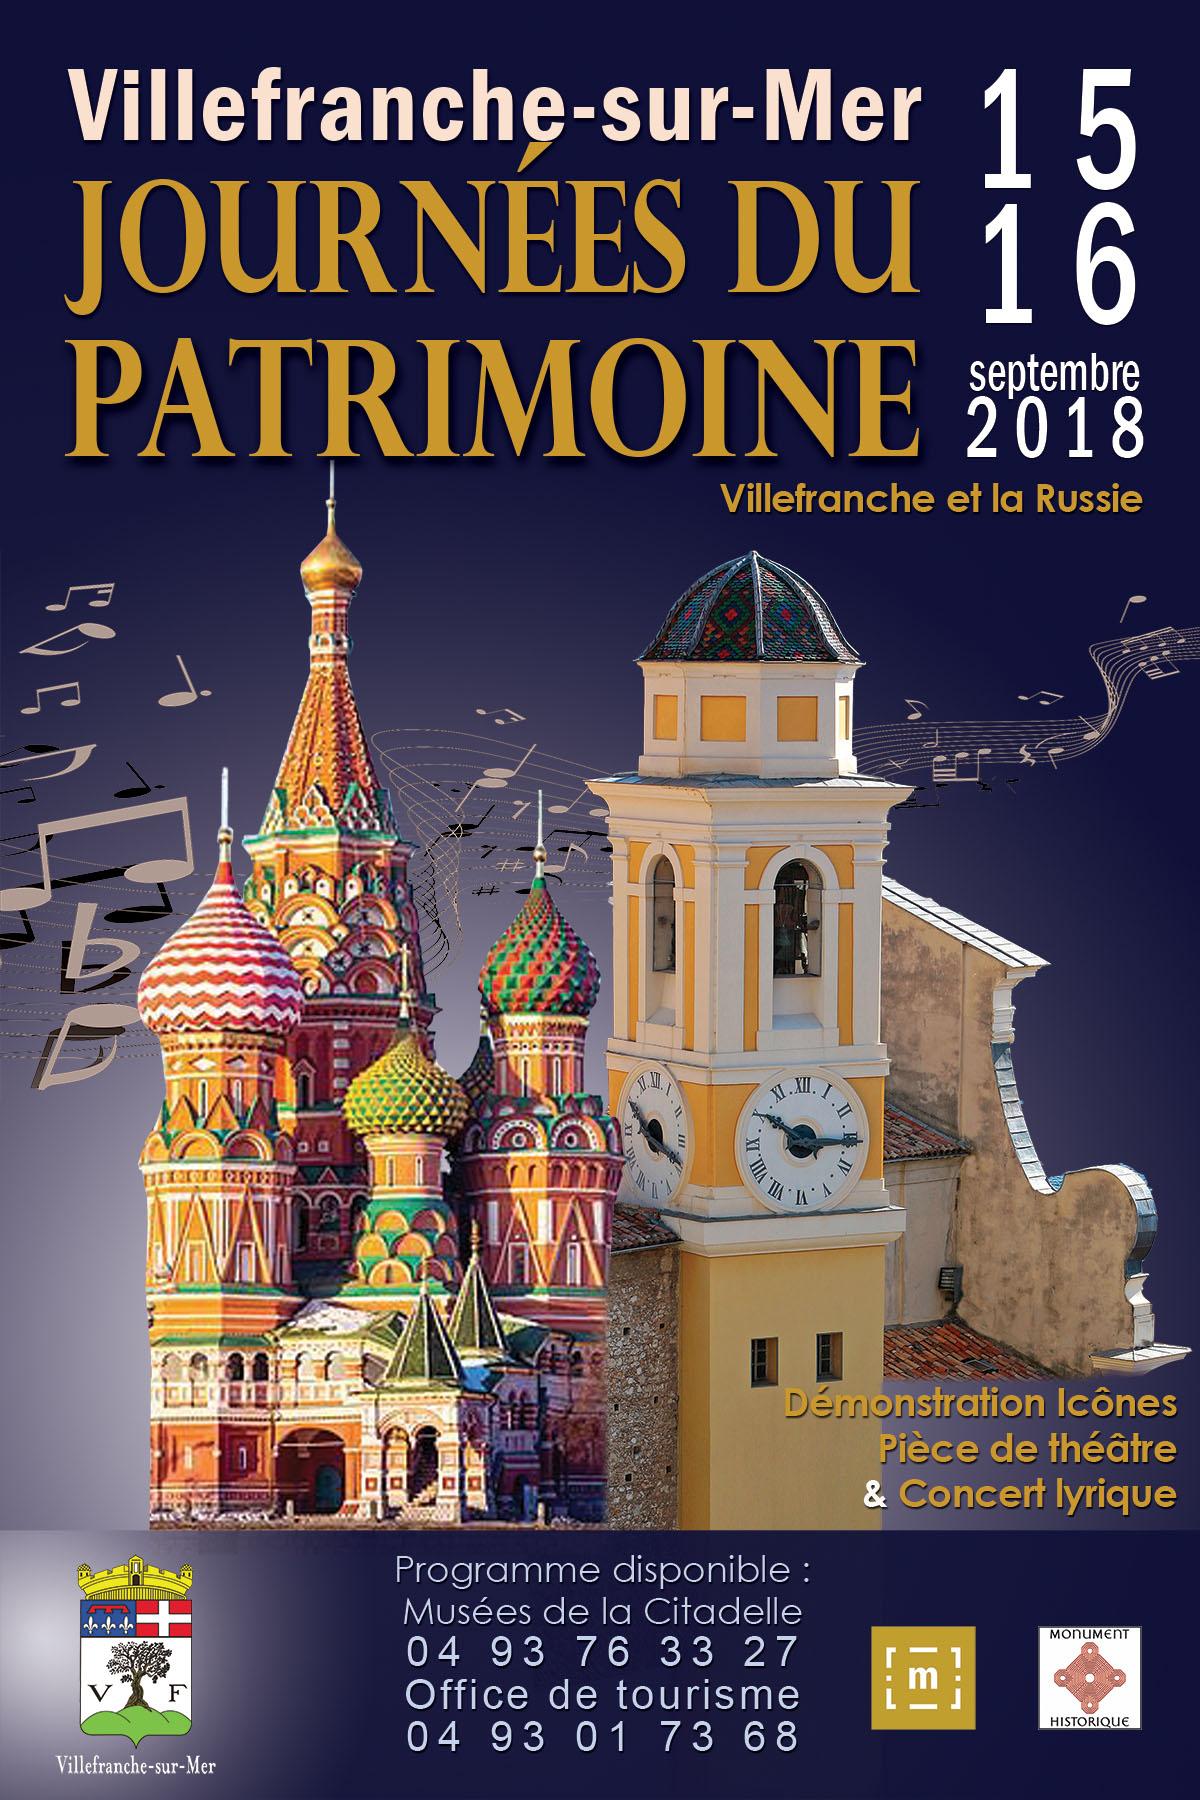 Journées du Patrimoine - Samedi 15 et Dimanche 16 Septembre 2018 à Villefranche-sur-Mer